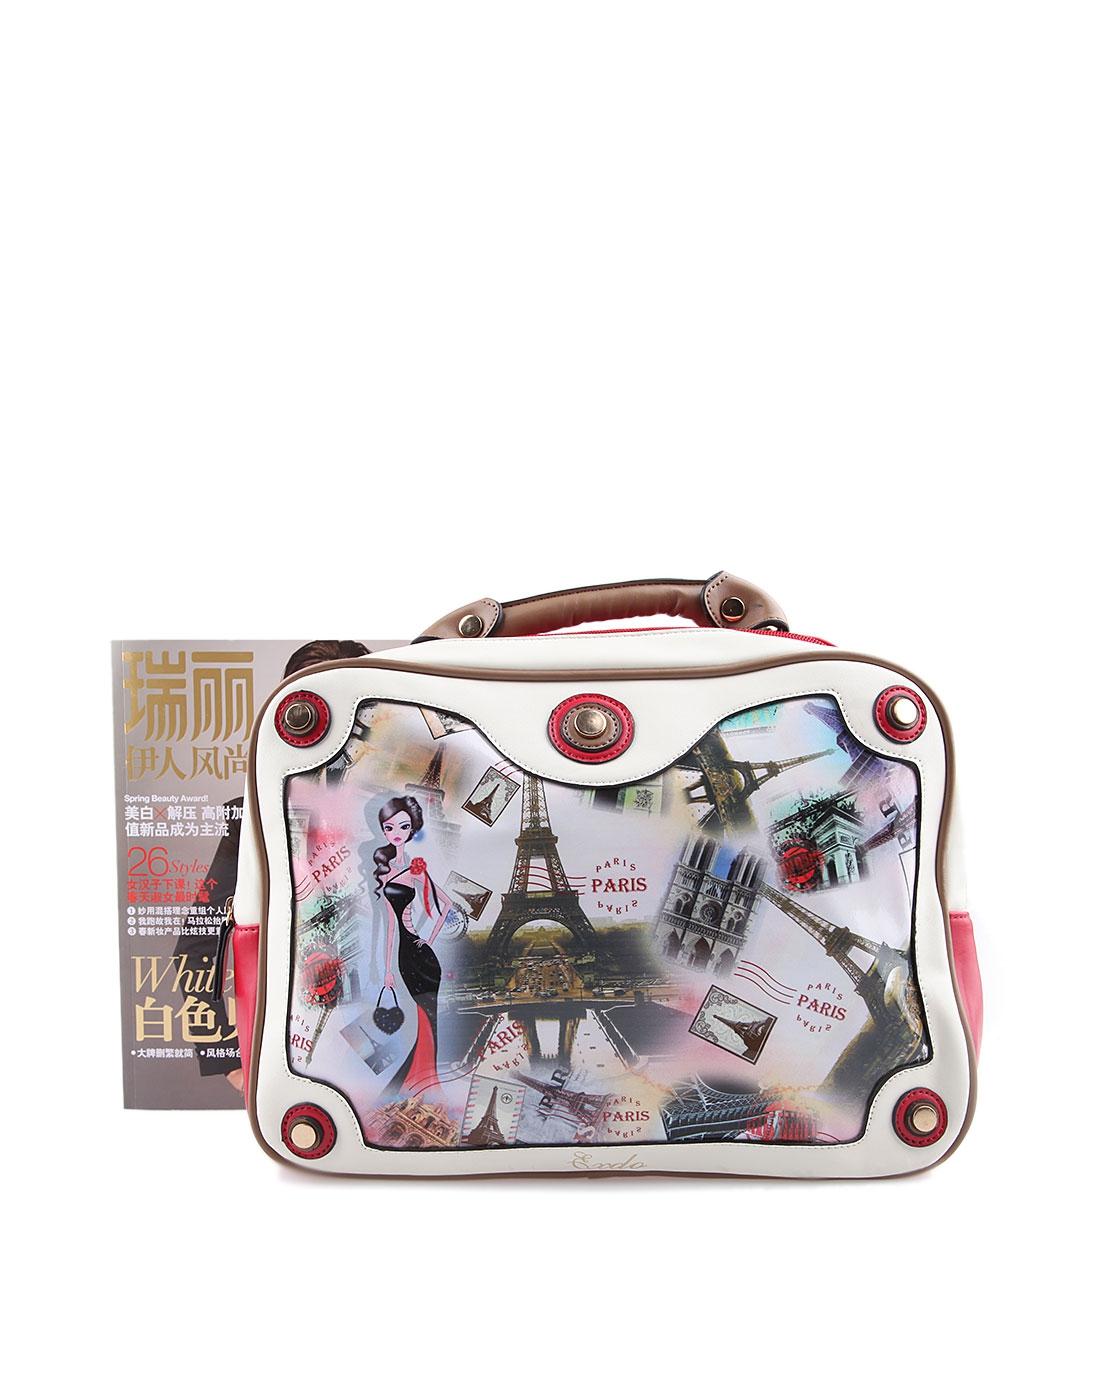 女士红白色艺术彩绘图案双排拉链两用大包